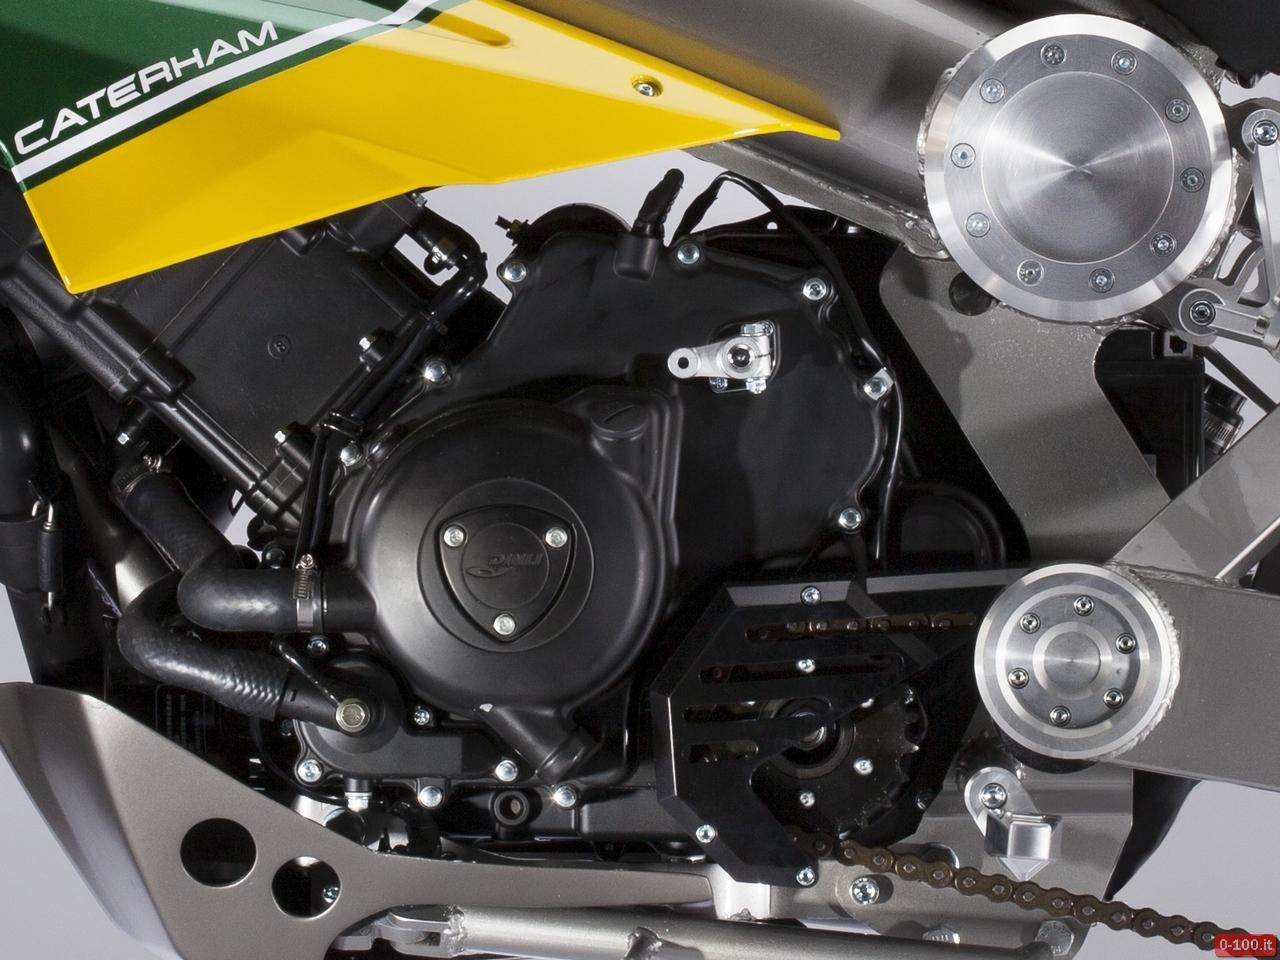 caterham-bikes-brutus-750_0-100_2